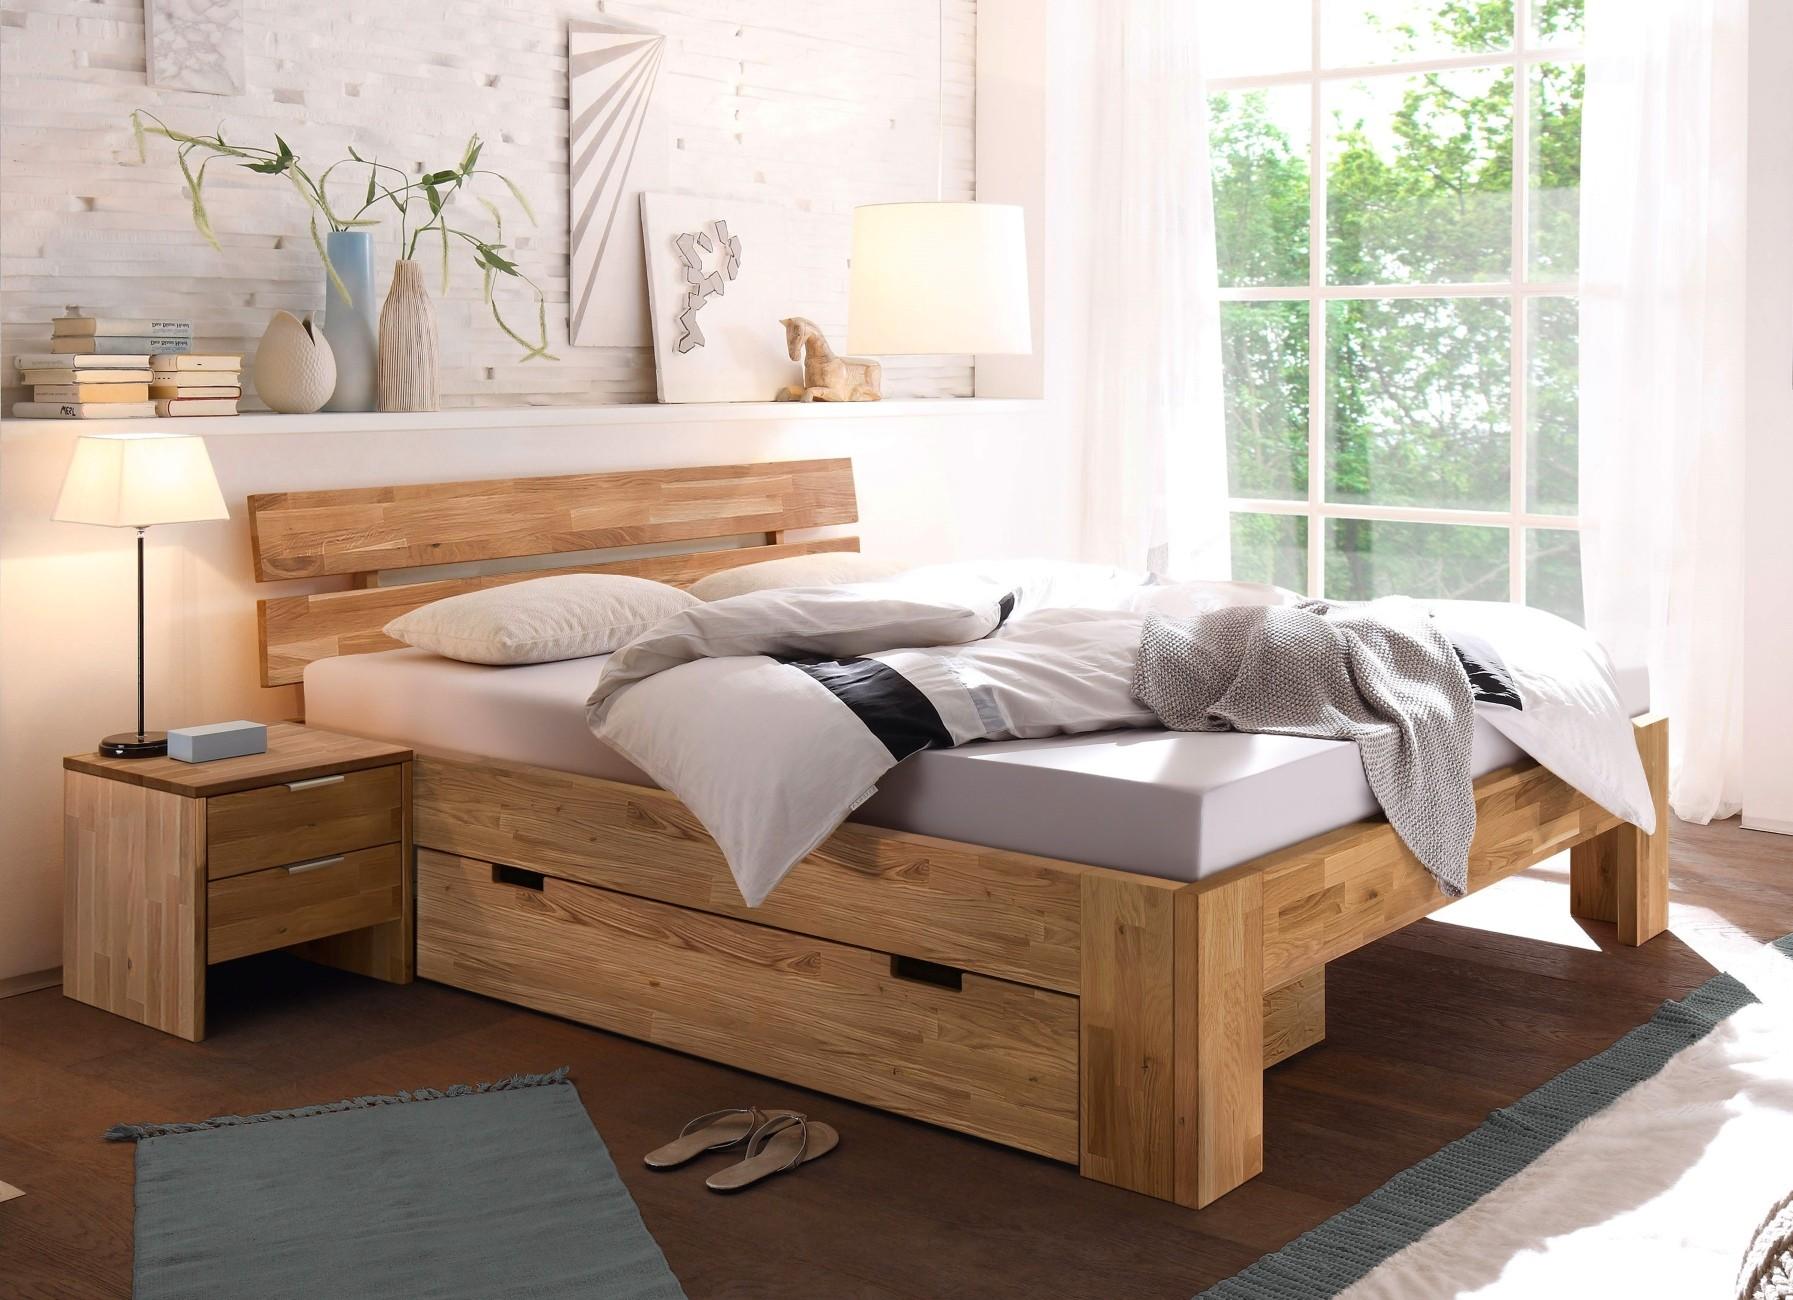 LENA-2 Doppelbett 200x200 mit Bettschublade und 2 Nachtkommoden Wildeiche massiv | Schlafzimmer > Betten > Doppelbetten | Massiver - Geölt - Holz | Empinio24